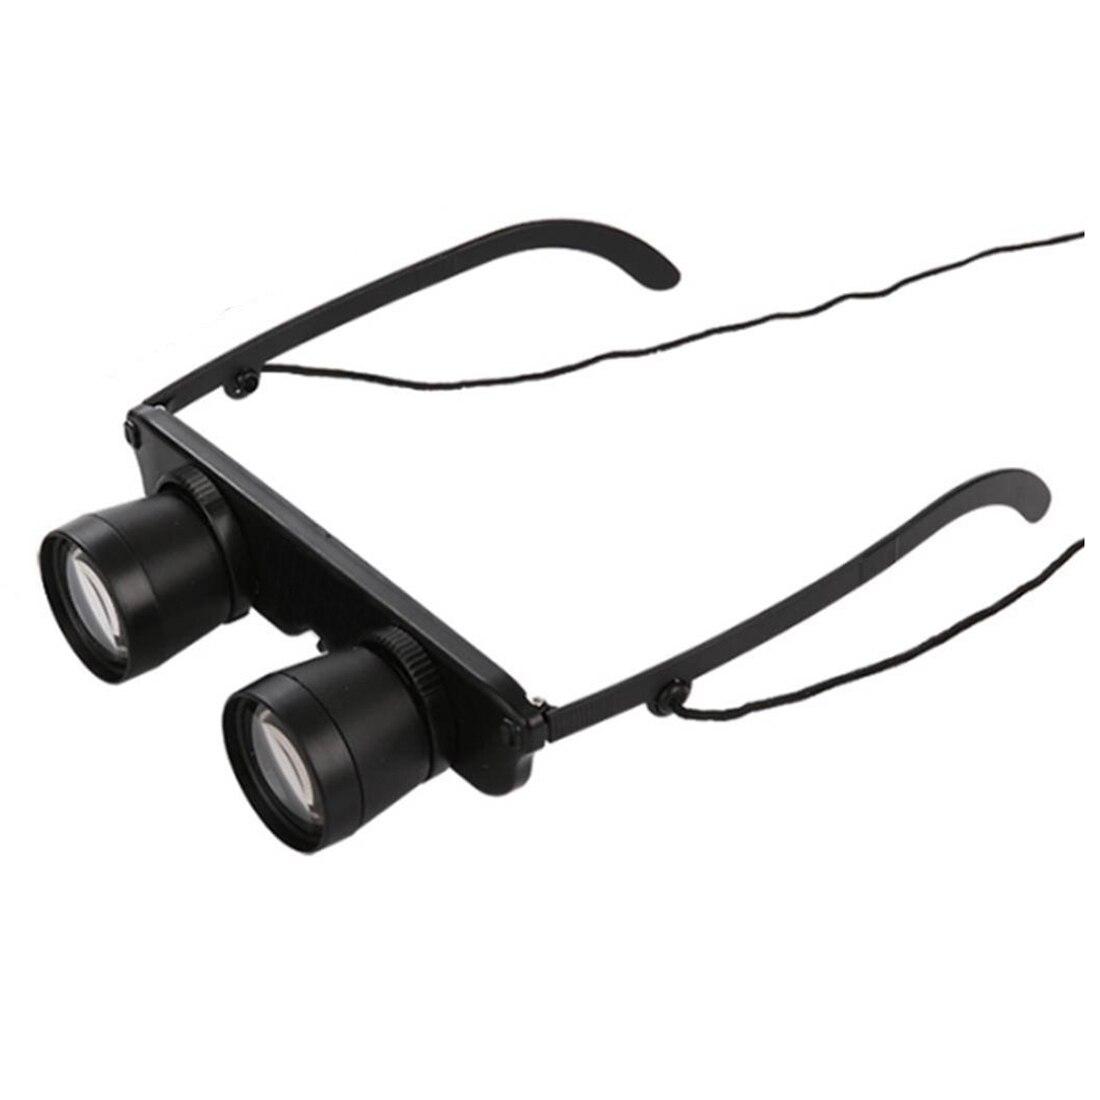 Schwarz 3x28 Brille Vergroesserungsglas Lupenbrille Brillenlupe Glaeser Stil Angel Reise Fernglas Theater Lup Fisch Optics Fer